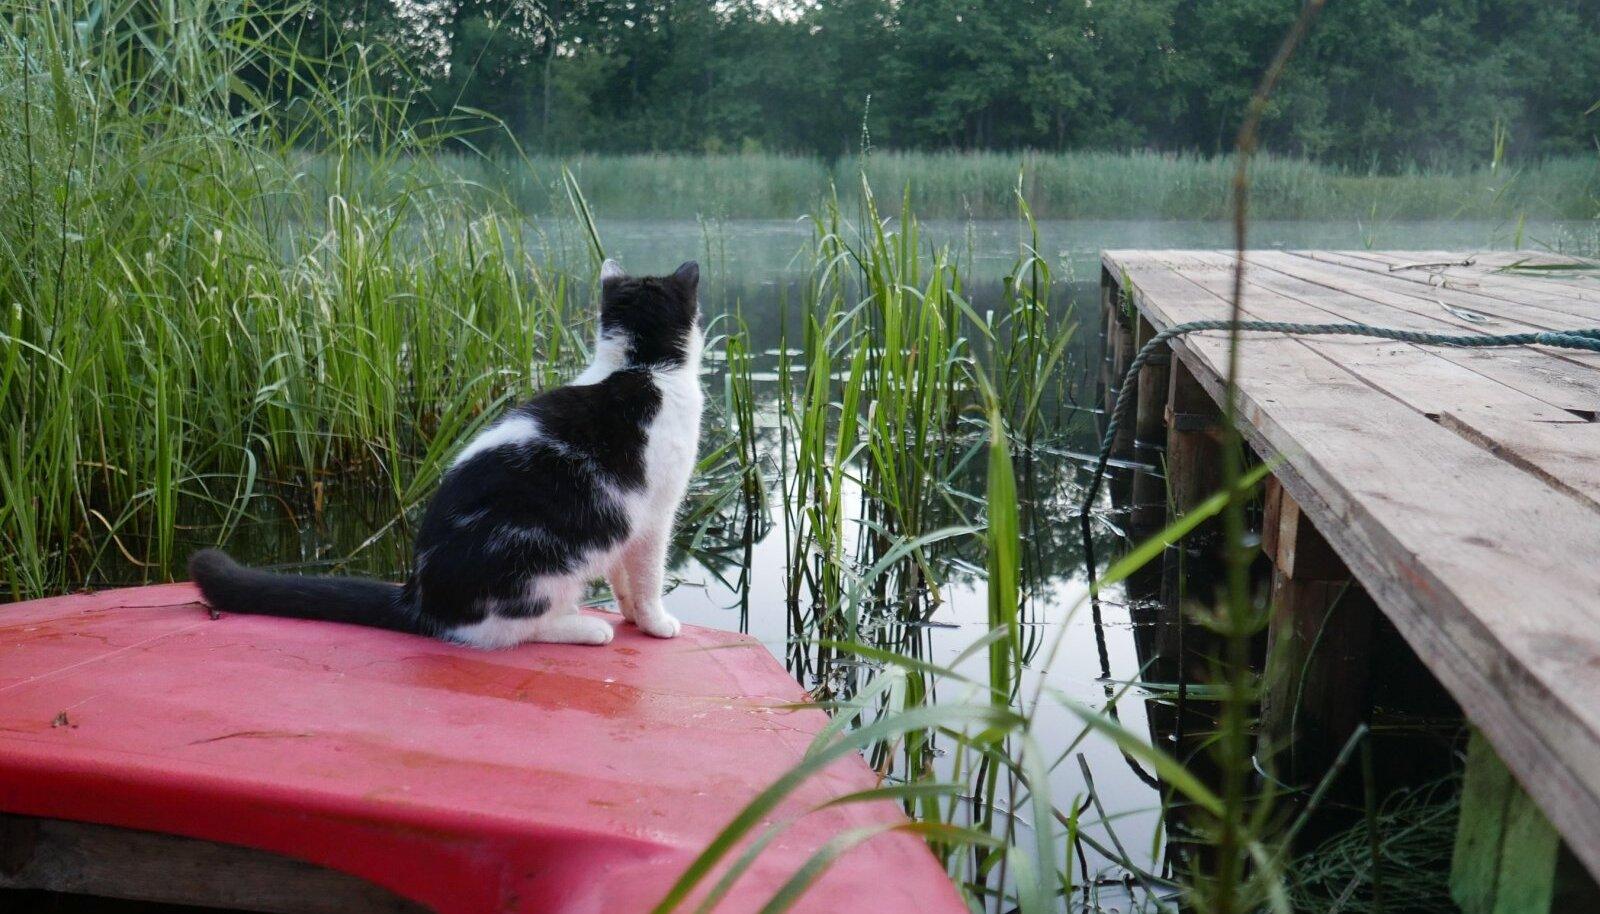 Kui jõgi on aia pikendus ja ilusaid vaateid saab nautida rohimata ning koos kassiga.